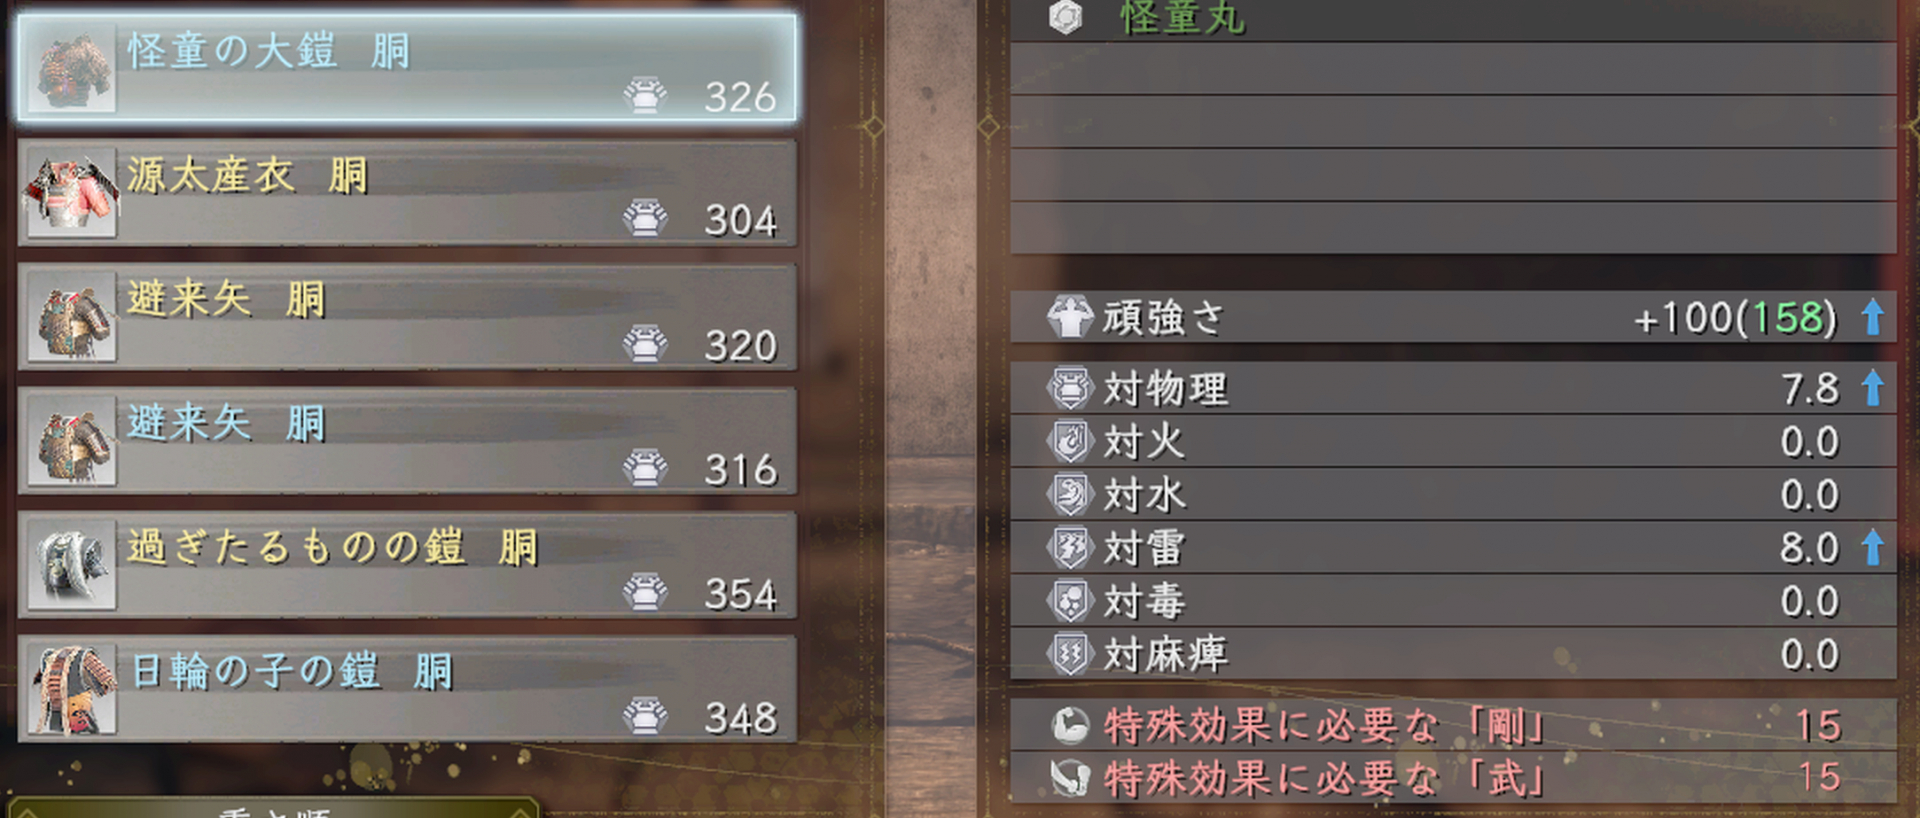 大 仁王 ステ 2 振り 太刀